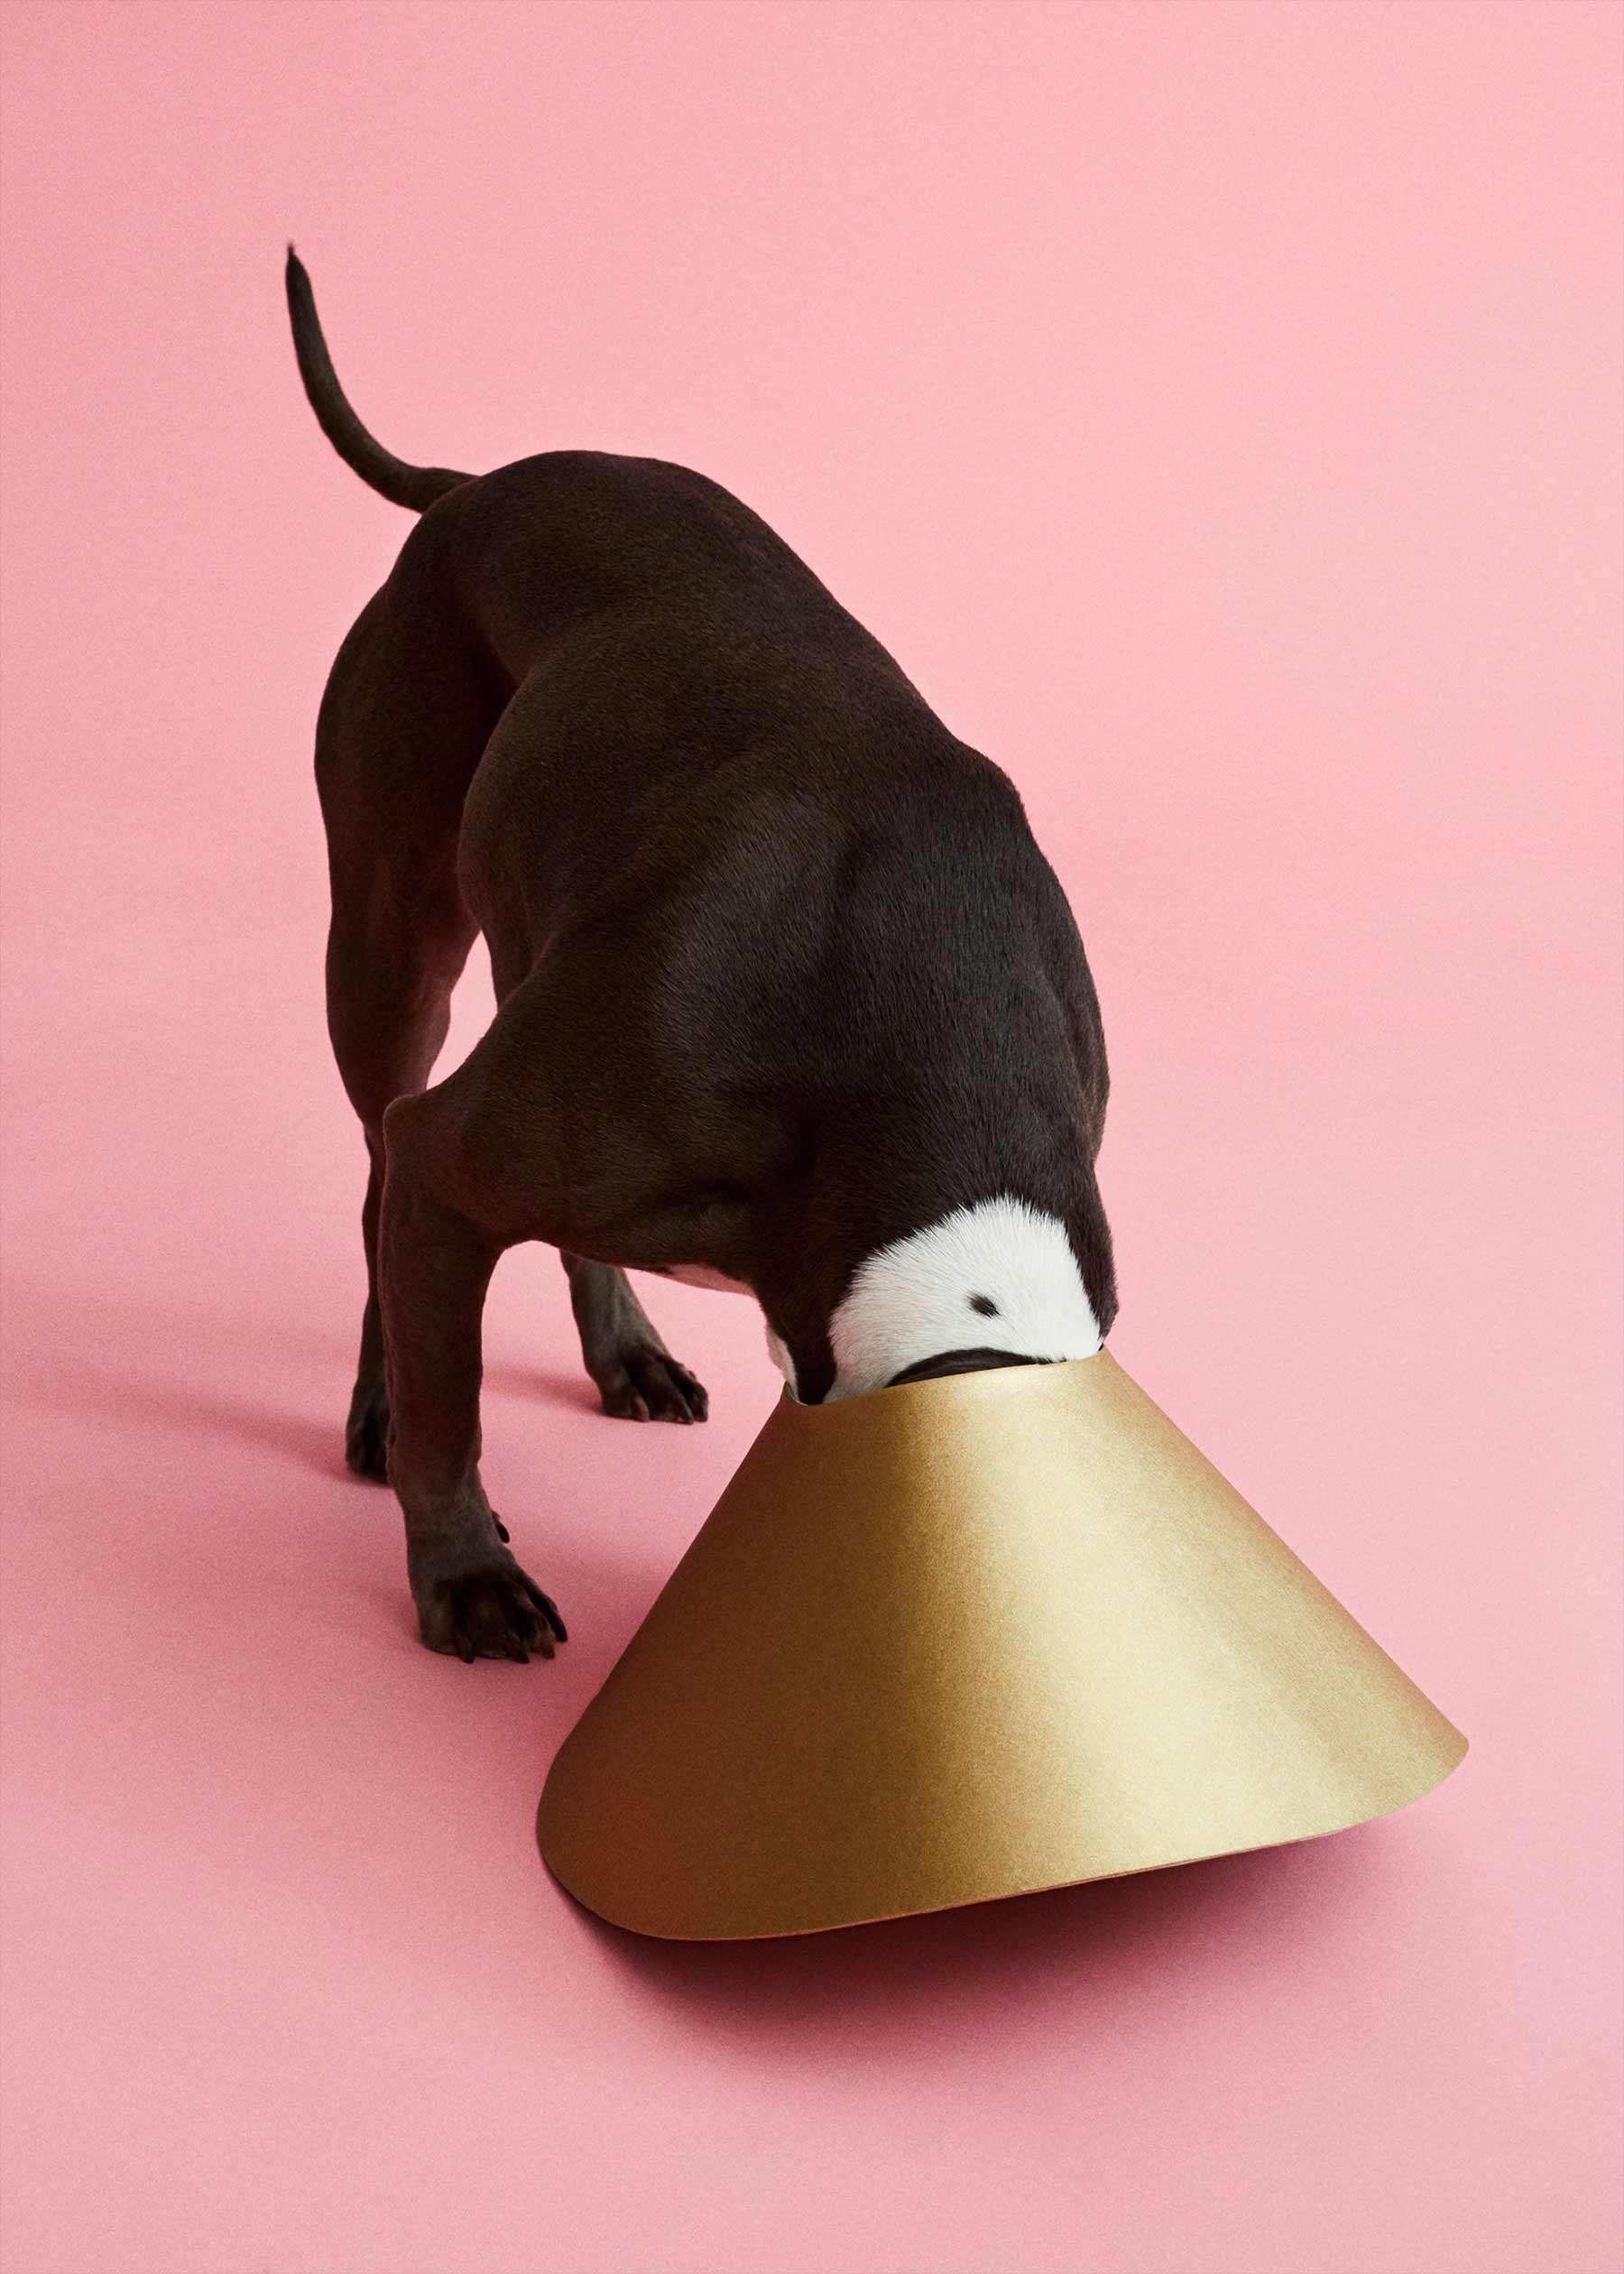 Ausgefallene Schutzkragen für Hunde cone-of-shame-winnie-au-Marie-yan-morvan_10